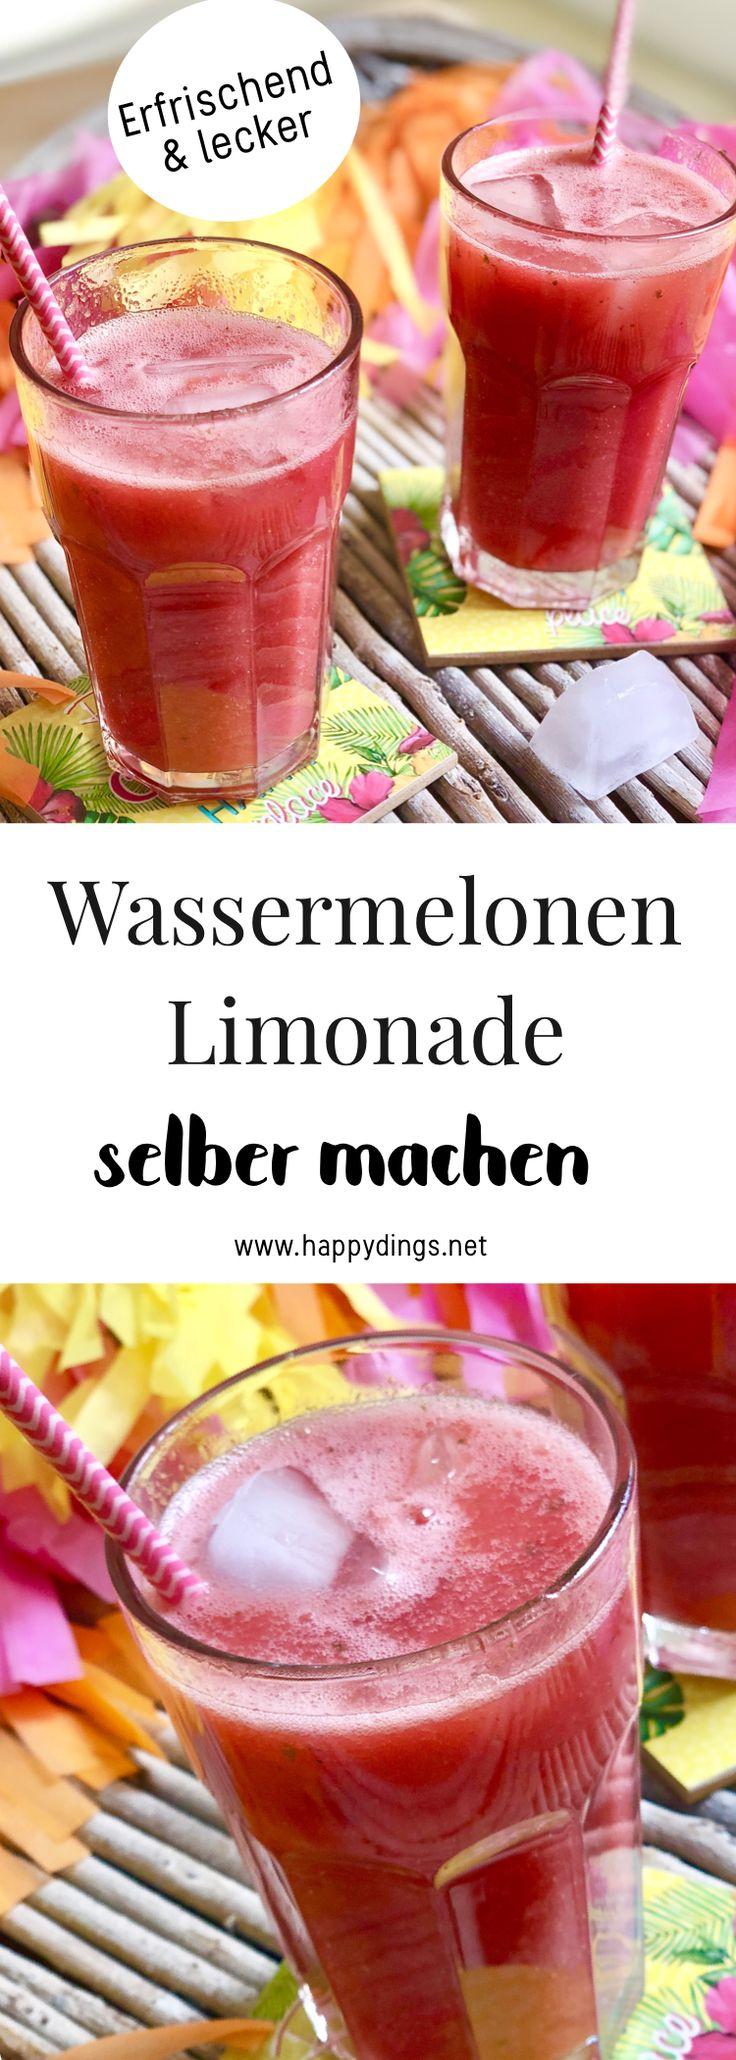 Wassermelonen Limonade selber machen – Rezepte für den Sommer –